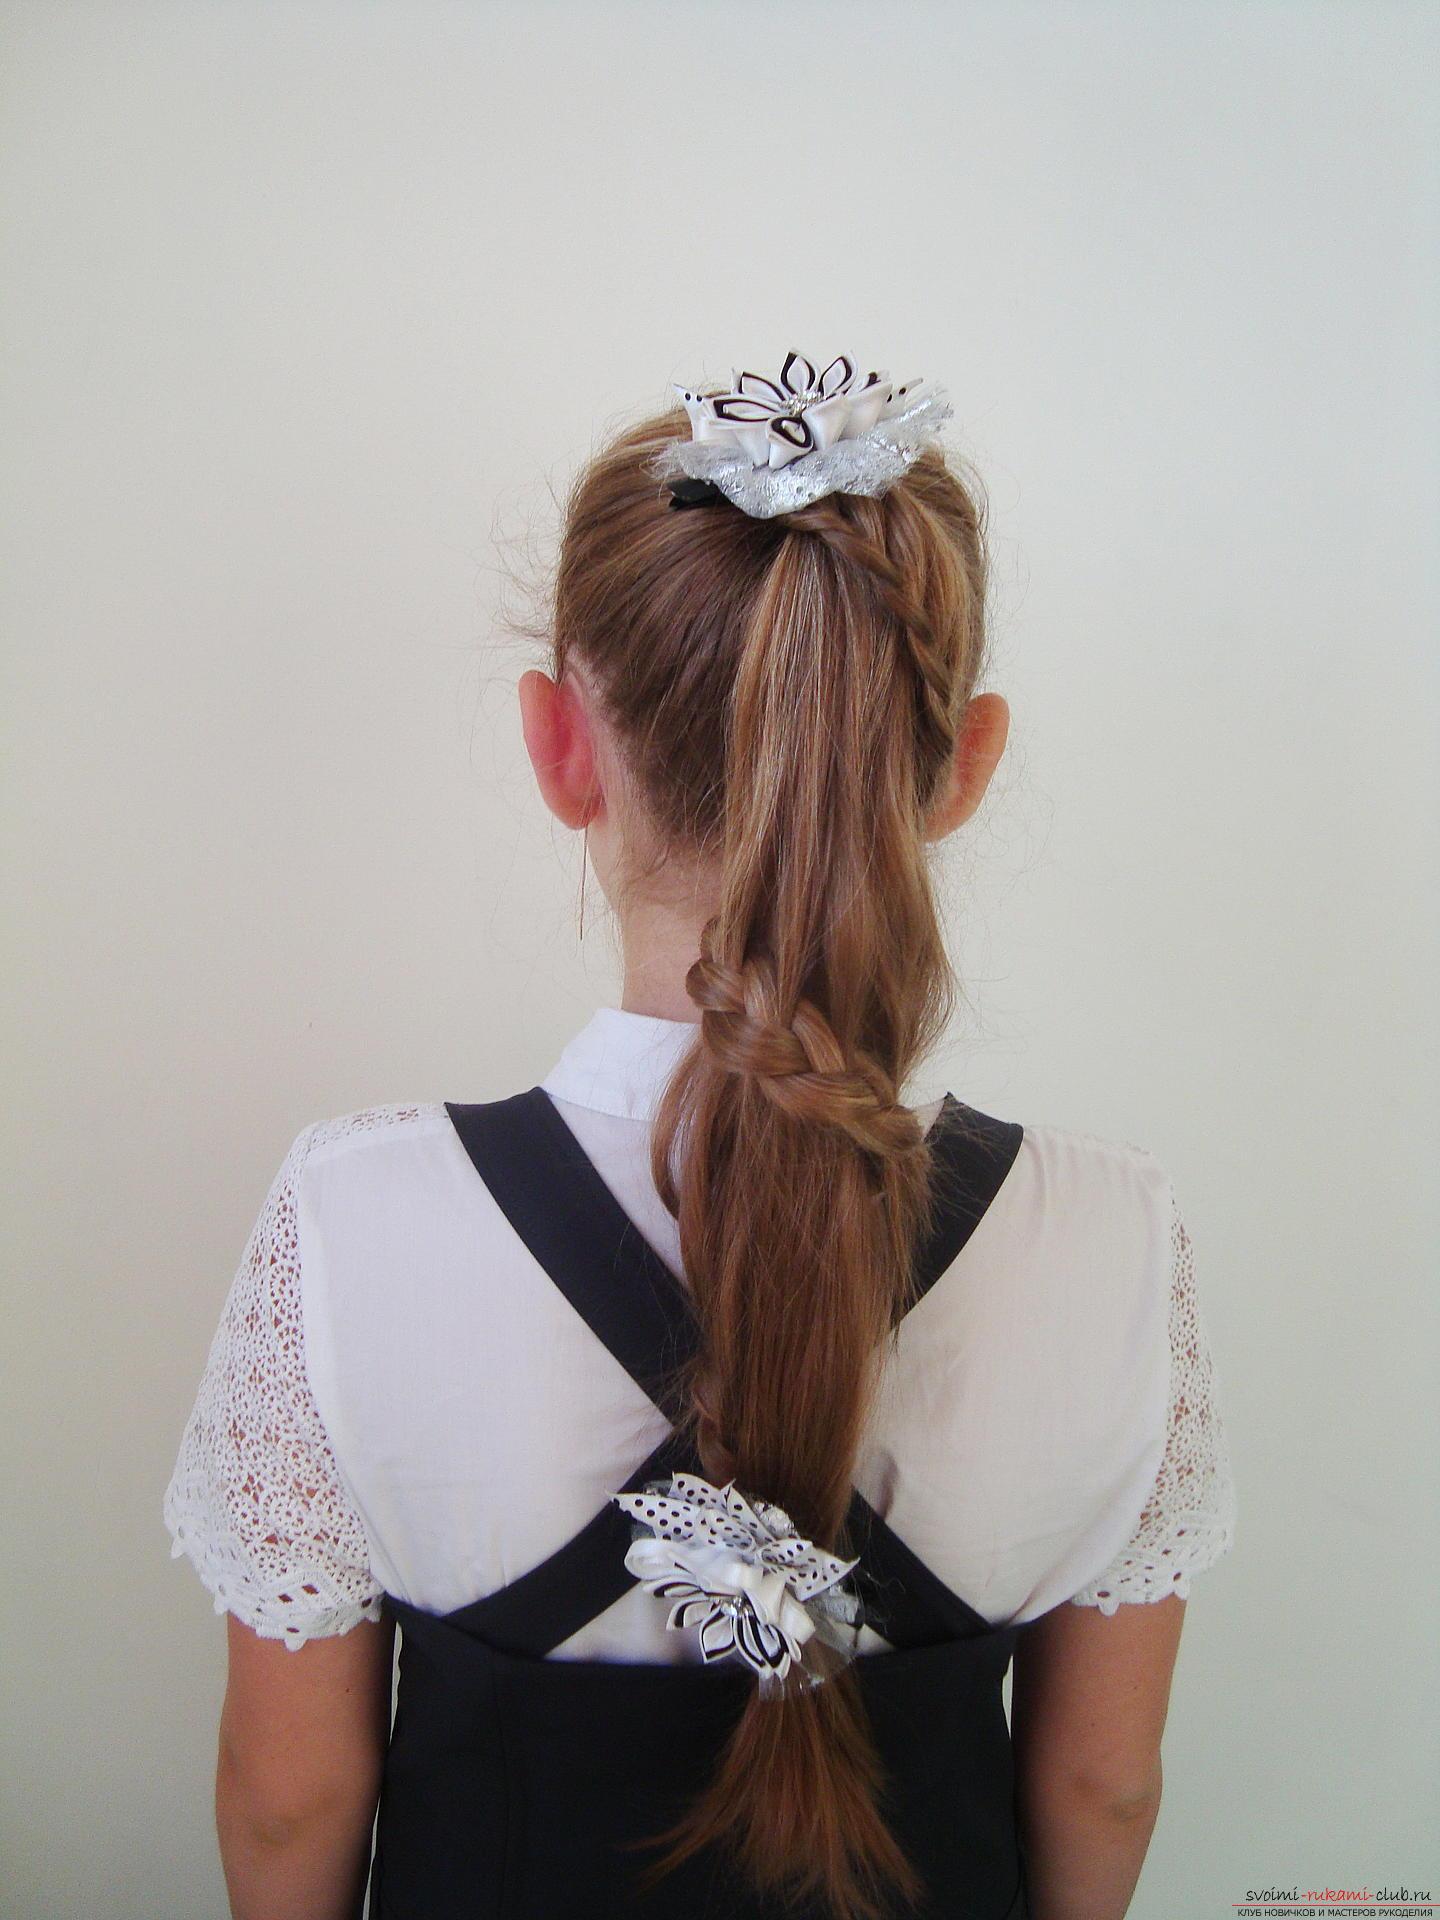 Стрижка женская на короткие волосы с выбритыми висками 165